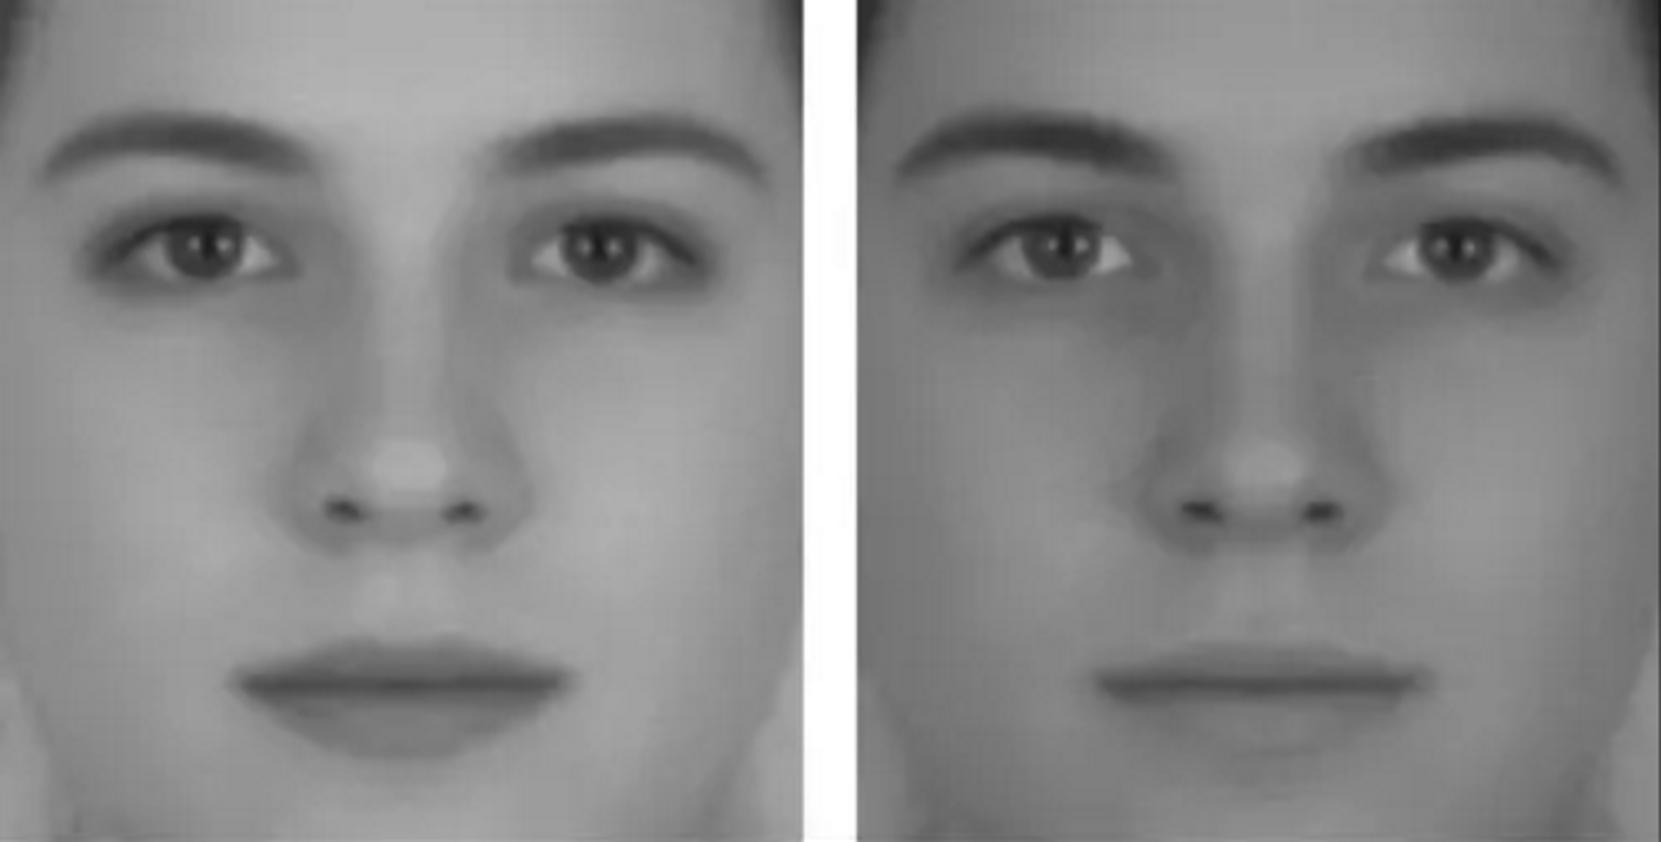 три иллюзии, которые показывают, как работает мозг